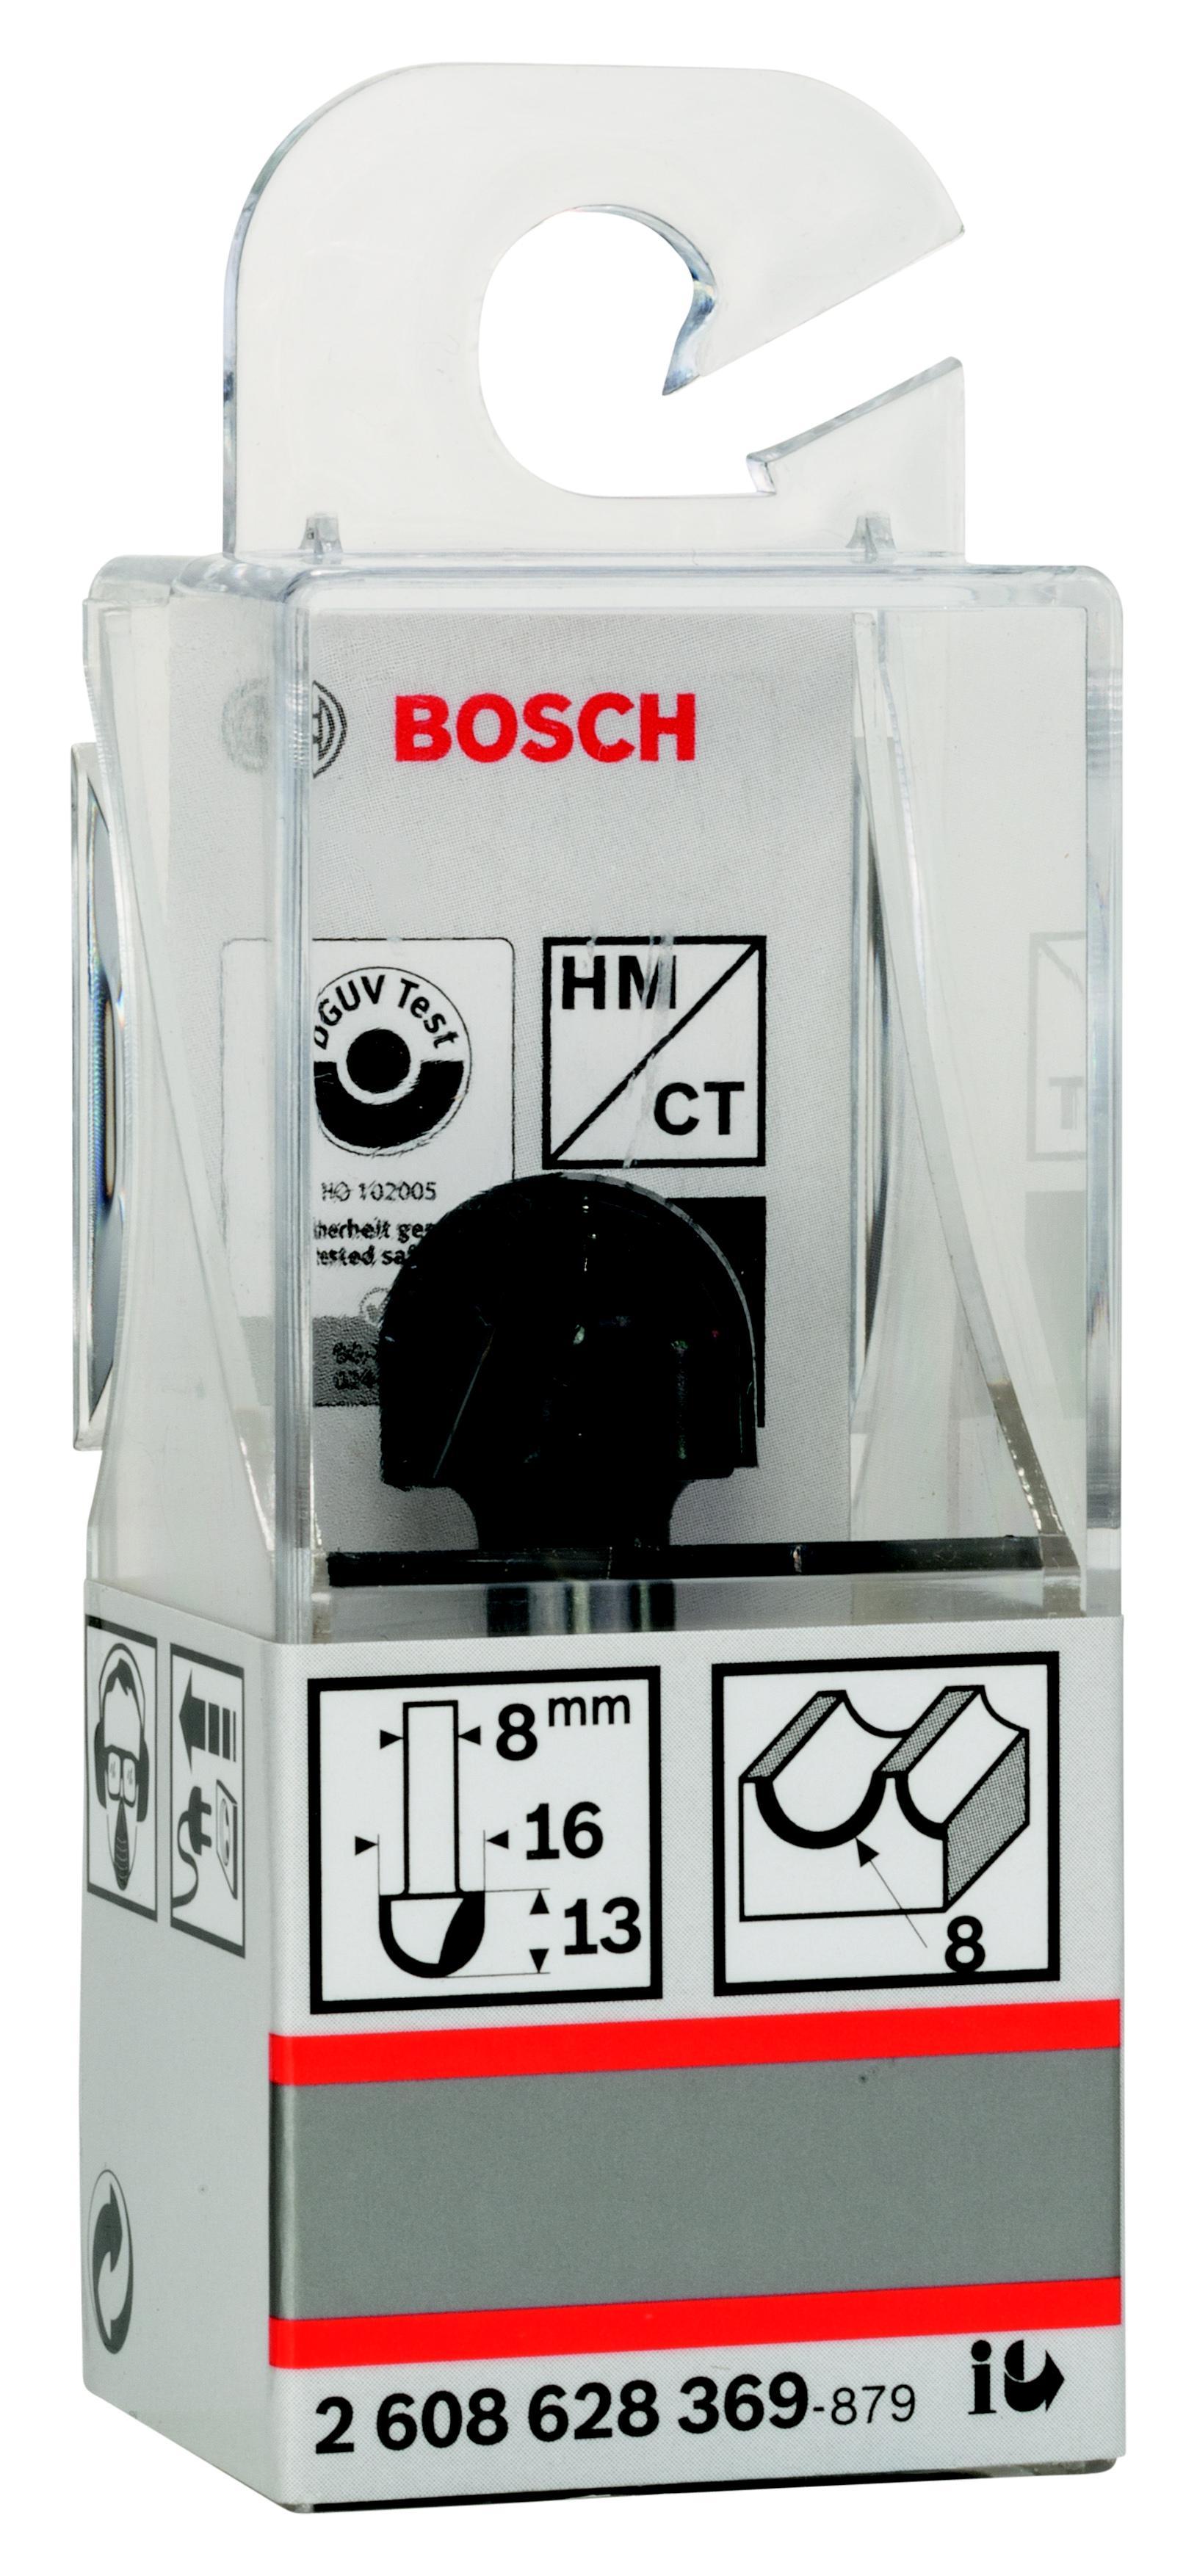 Купить Фреза Bosch галтельная 8/13/8 (2.608.628.369), Германия